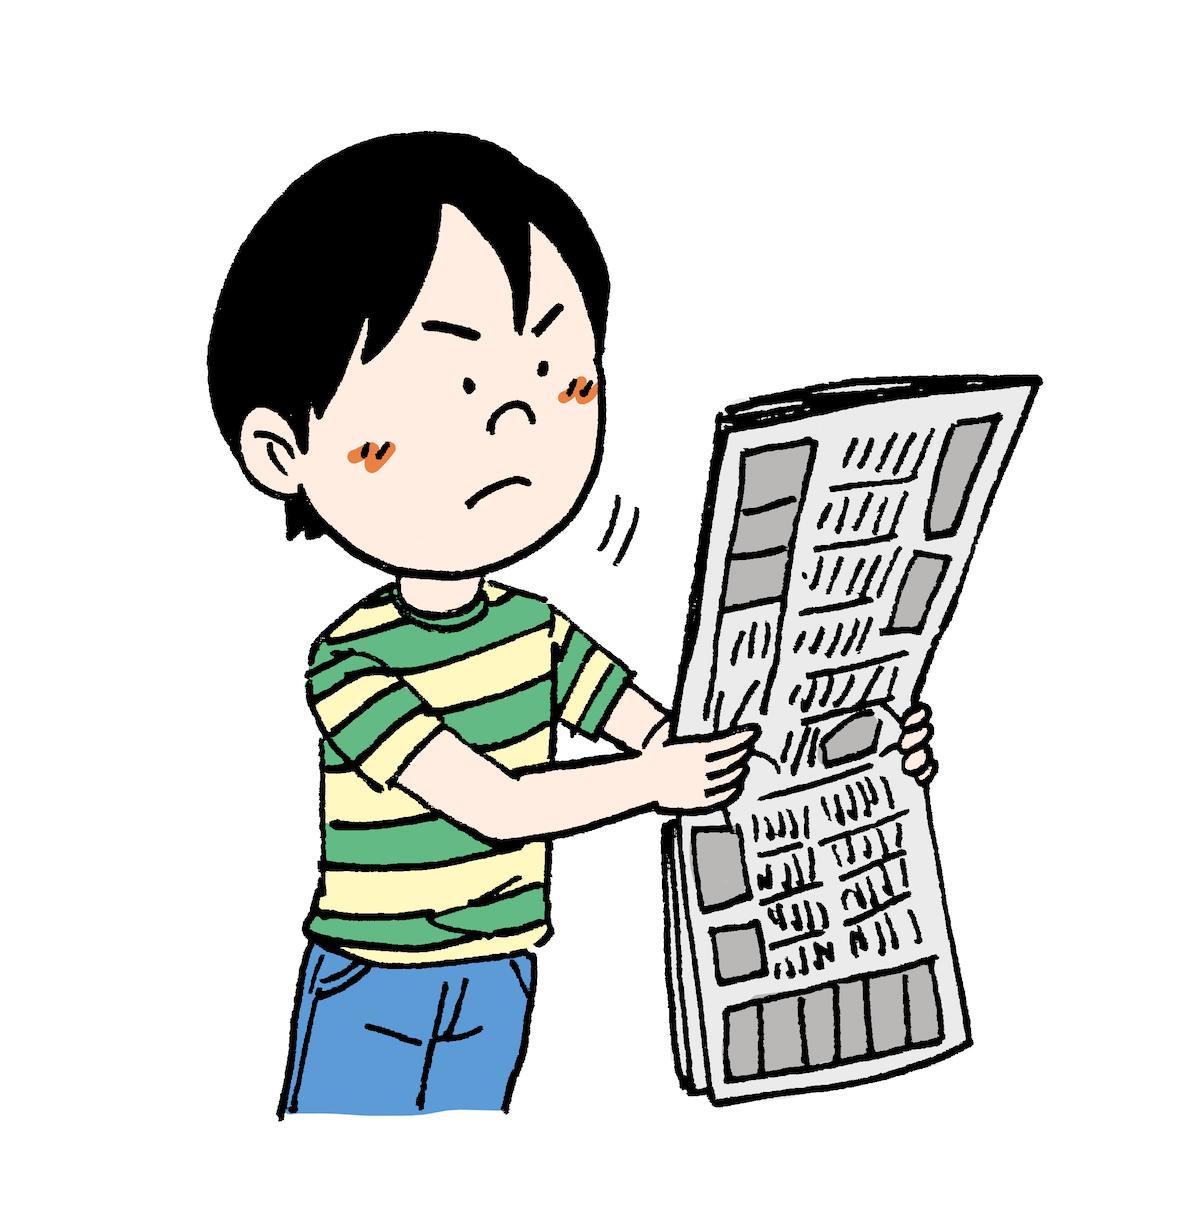 真剣な顔で新聞を読む子どもイラスト